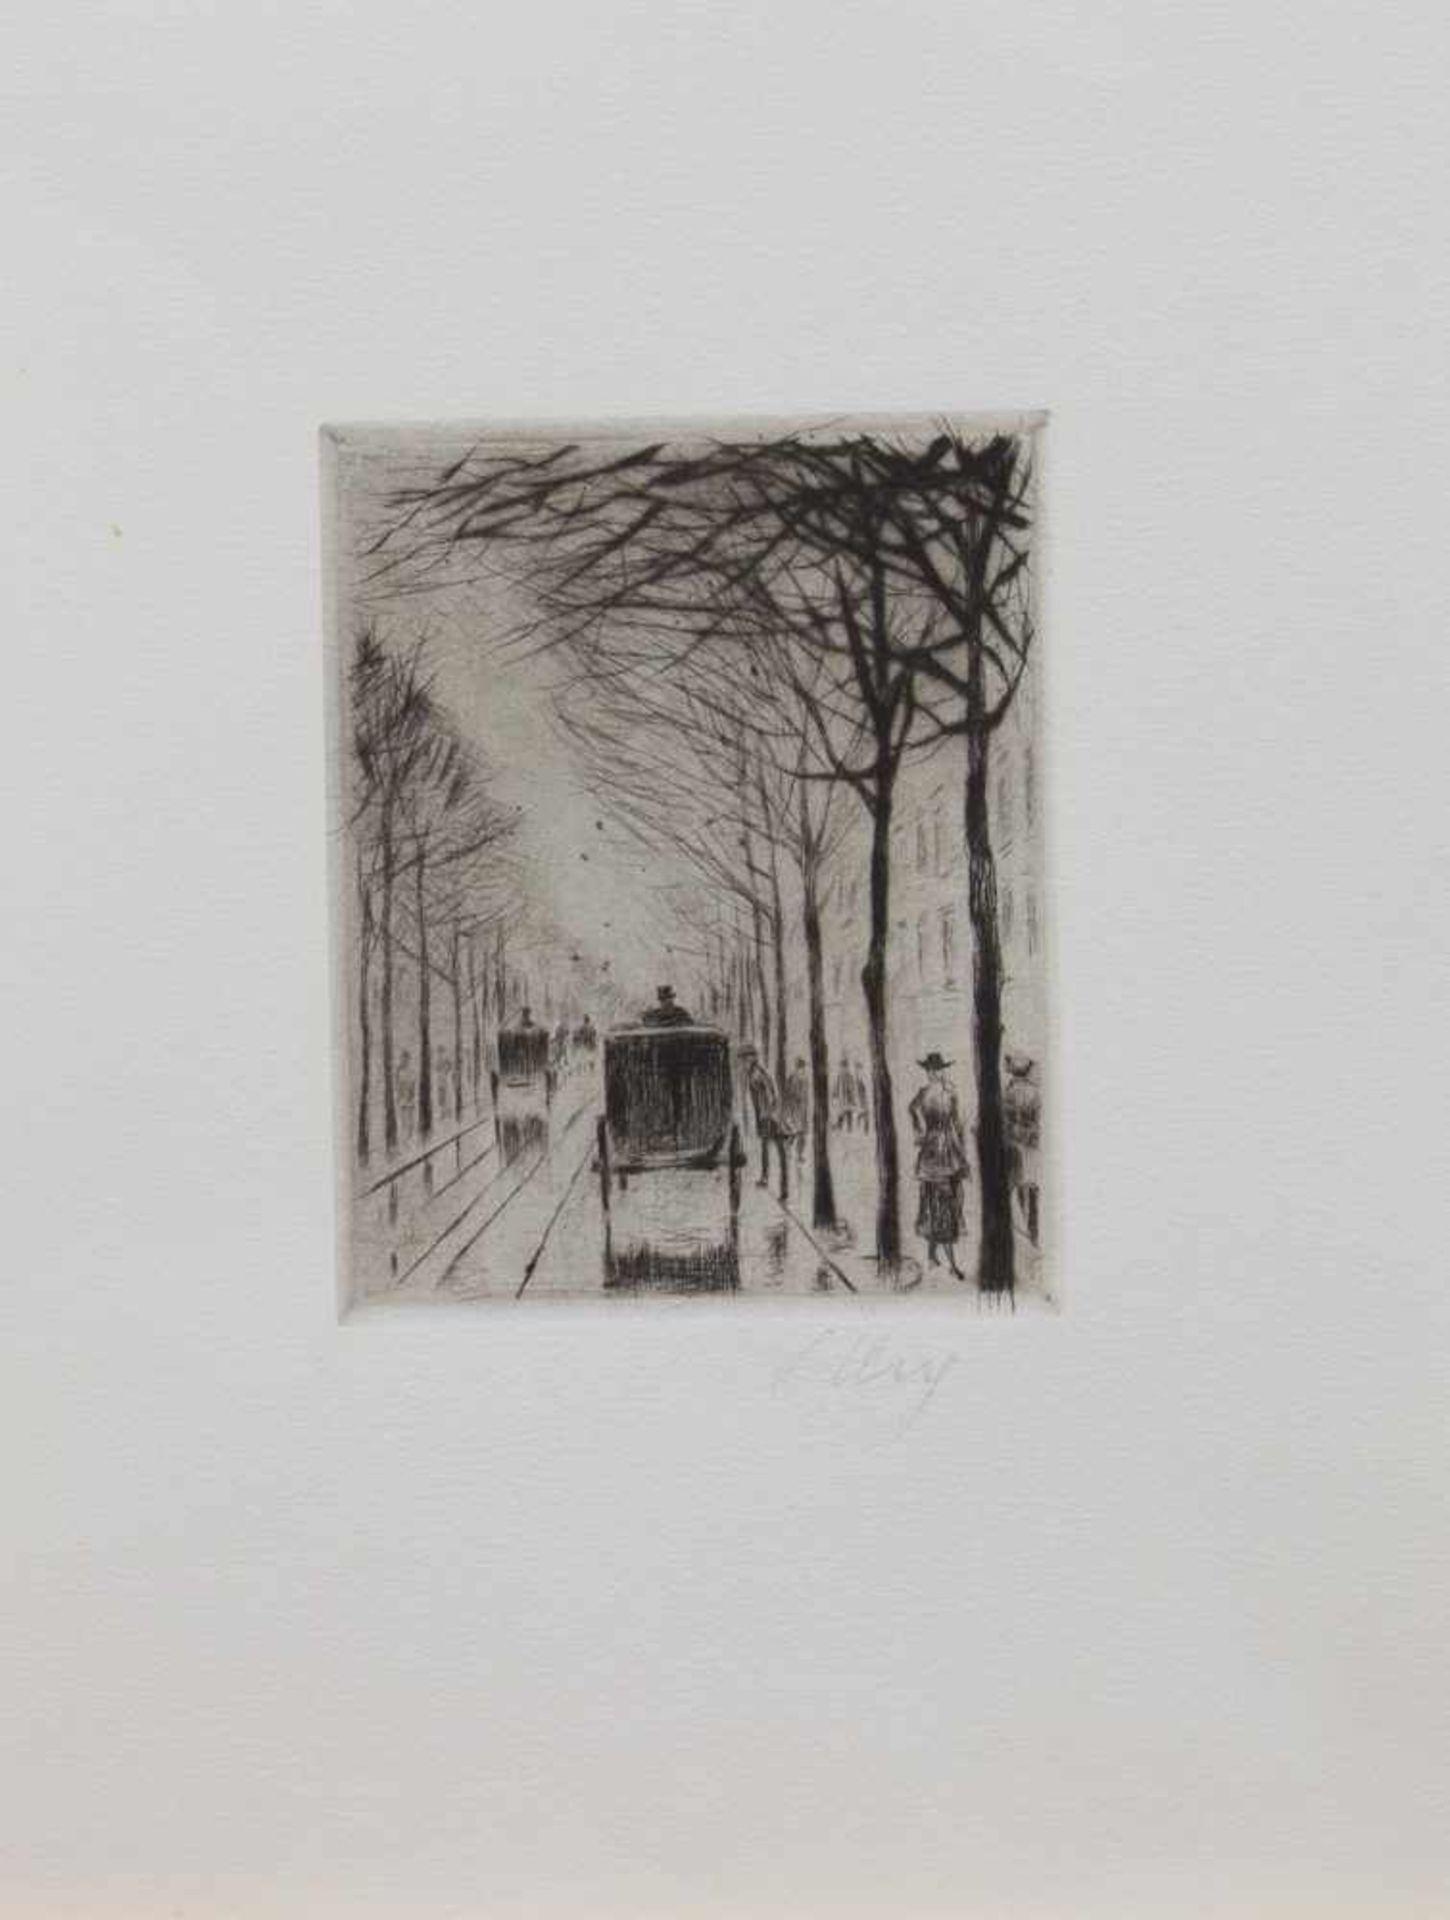 Los 53 - Lesser Ury (Birnbaum 1861 - 1931 Posen, deutscher Maler u. Grafiker, Std. a.d. KA Düsseldorf u. in